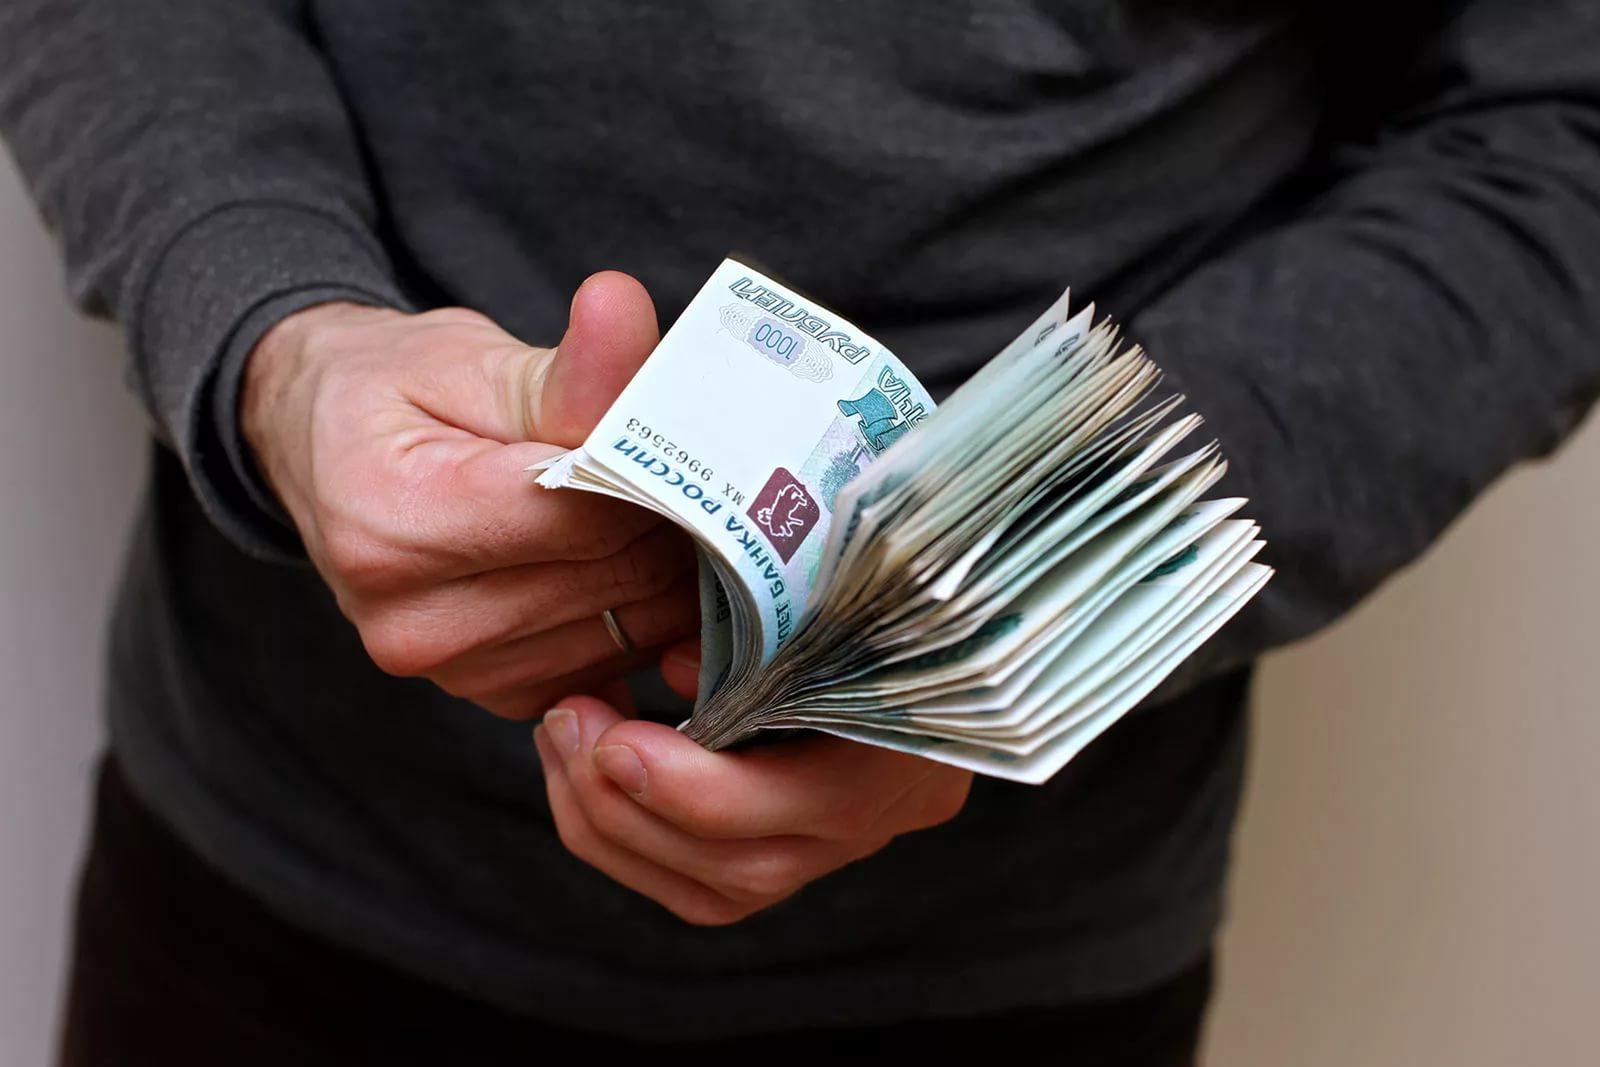 Жители ЯНАО могут ежегодно получать до 50 тыс. рублей